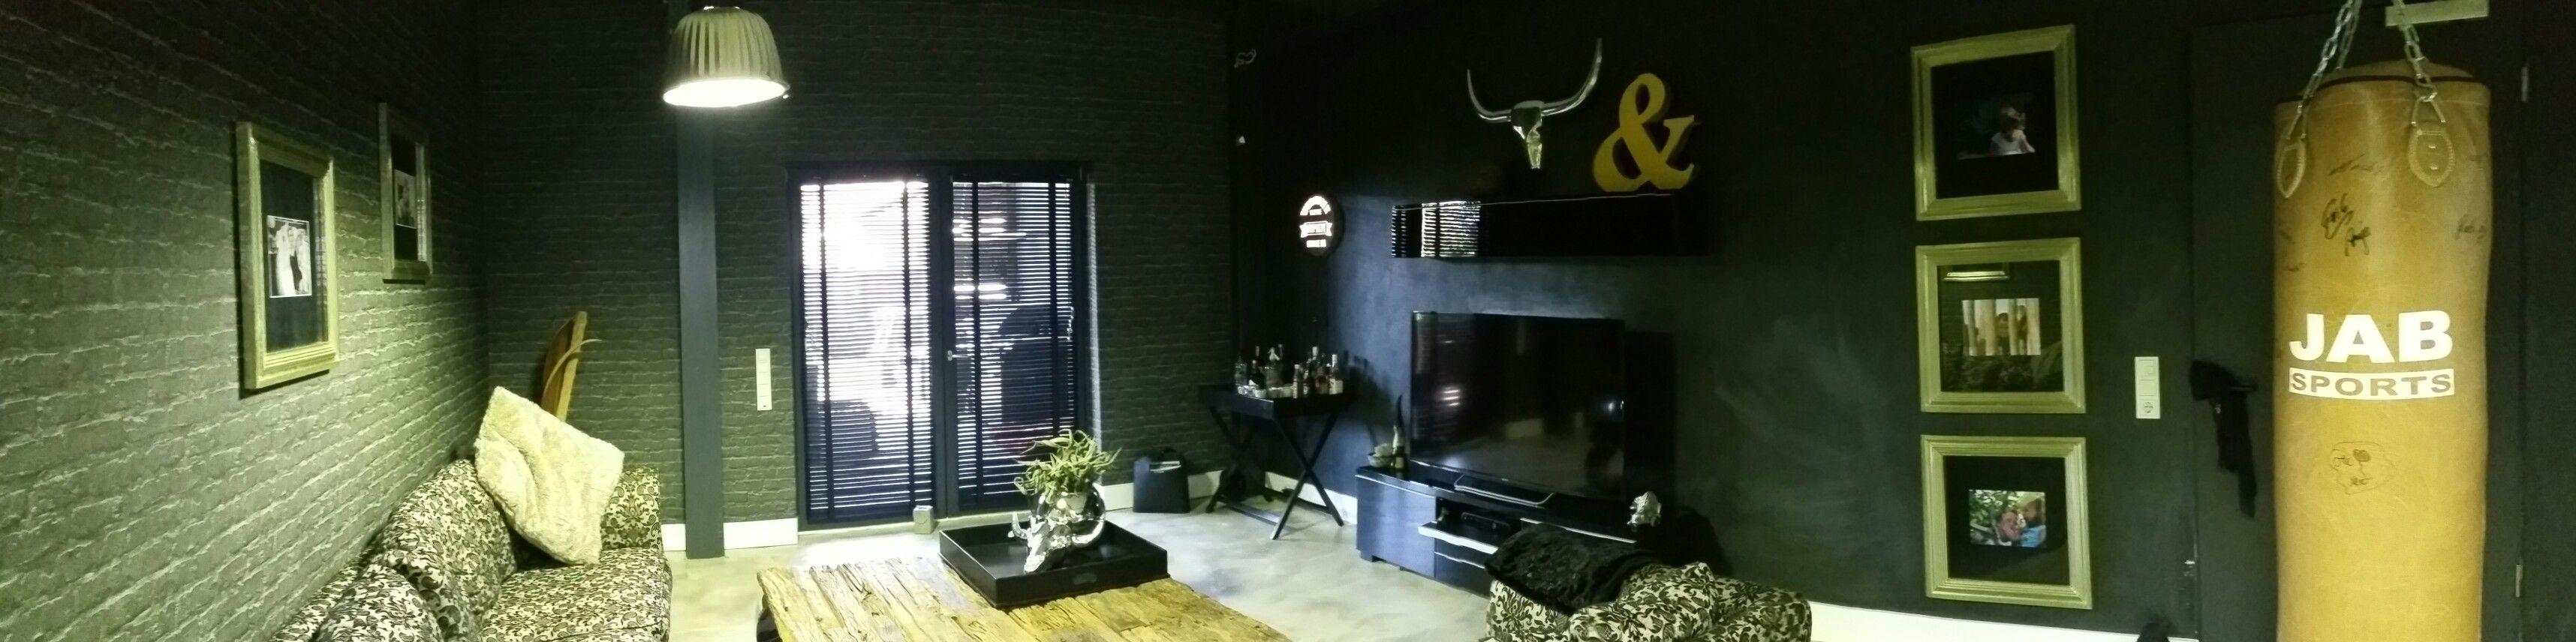 Wohnzimmer im Loft Style mit Tapeten in schwarzer Steinoptik, einem ...